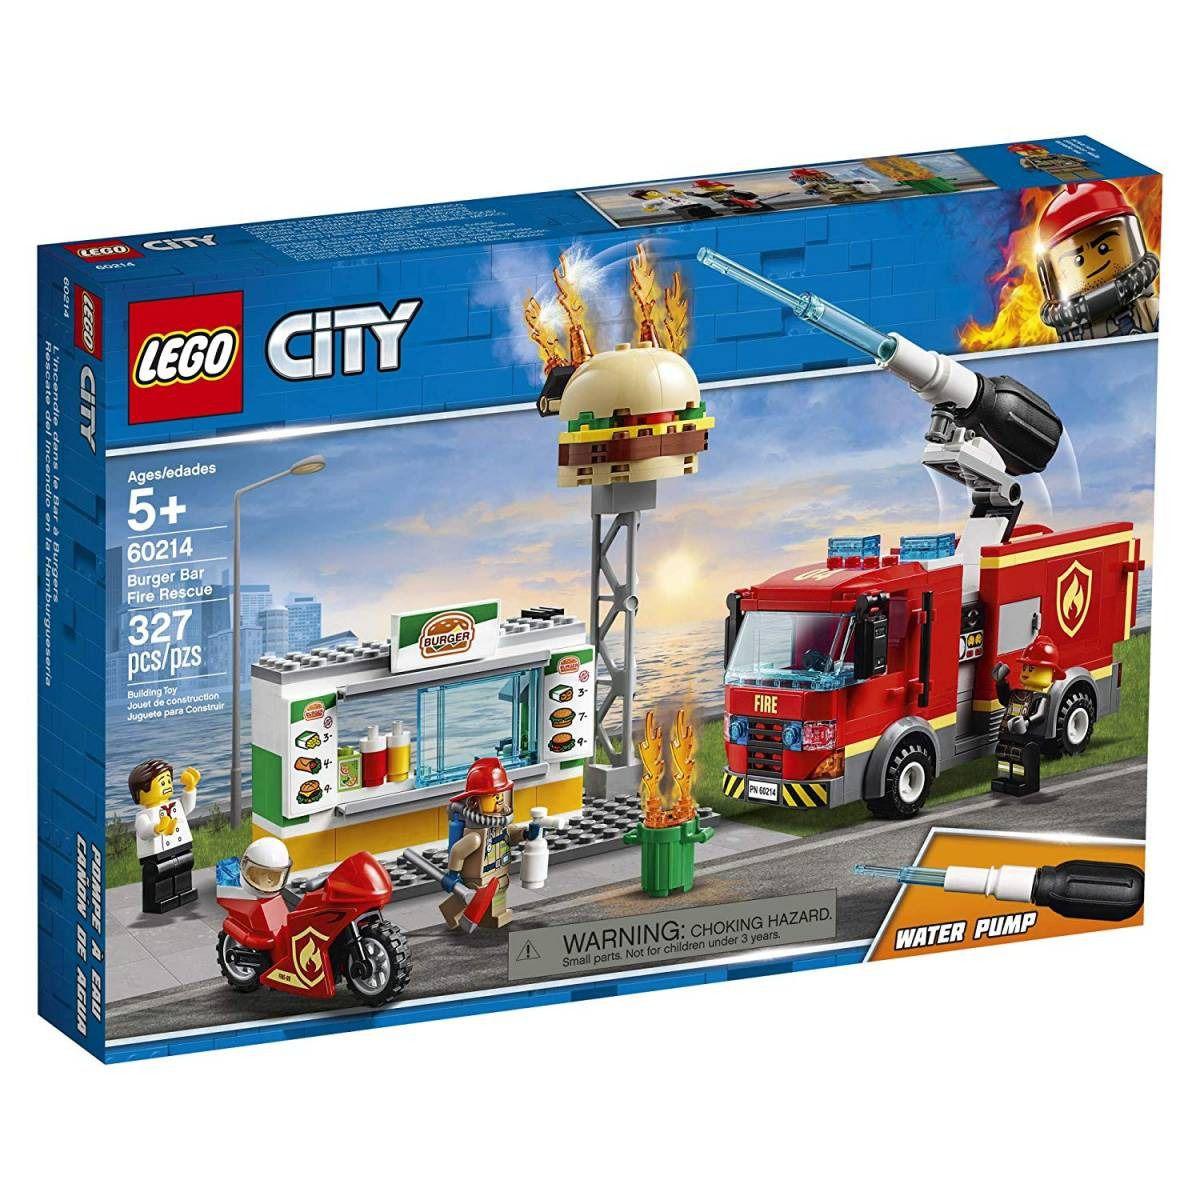 LEGO City - Fogo no Hamburger